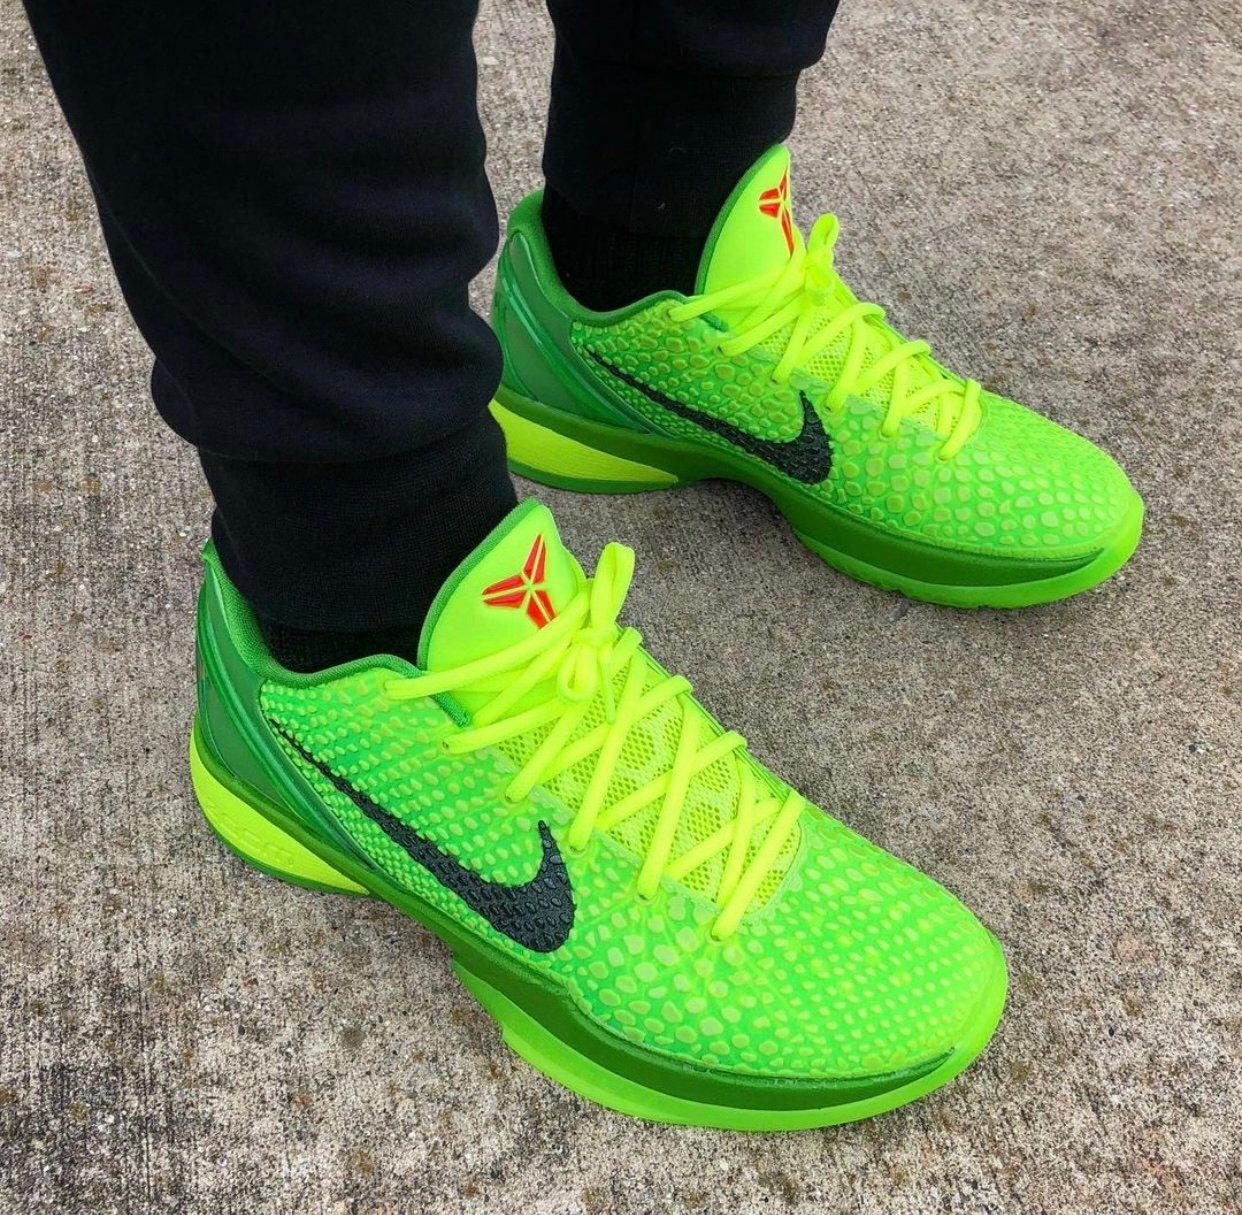 Nike Kobe 6 Protro Grinch CW2190-300 On Feet